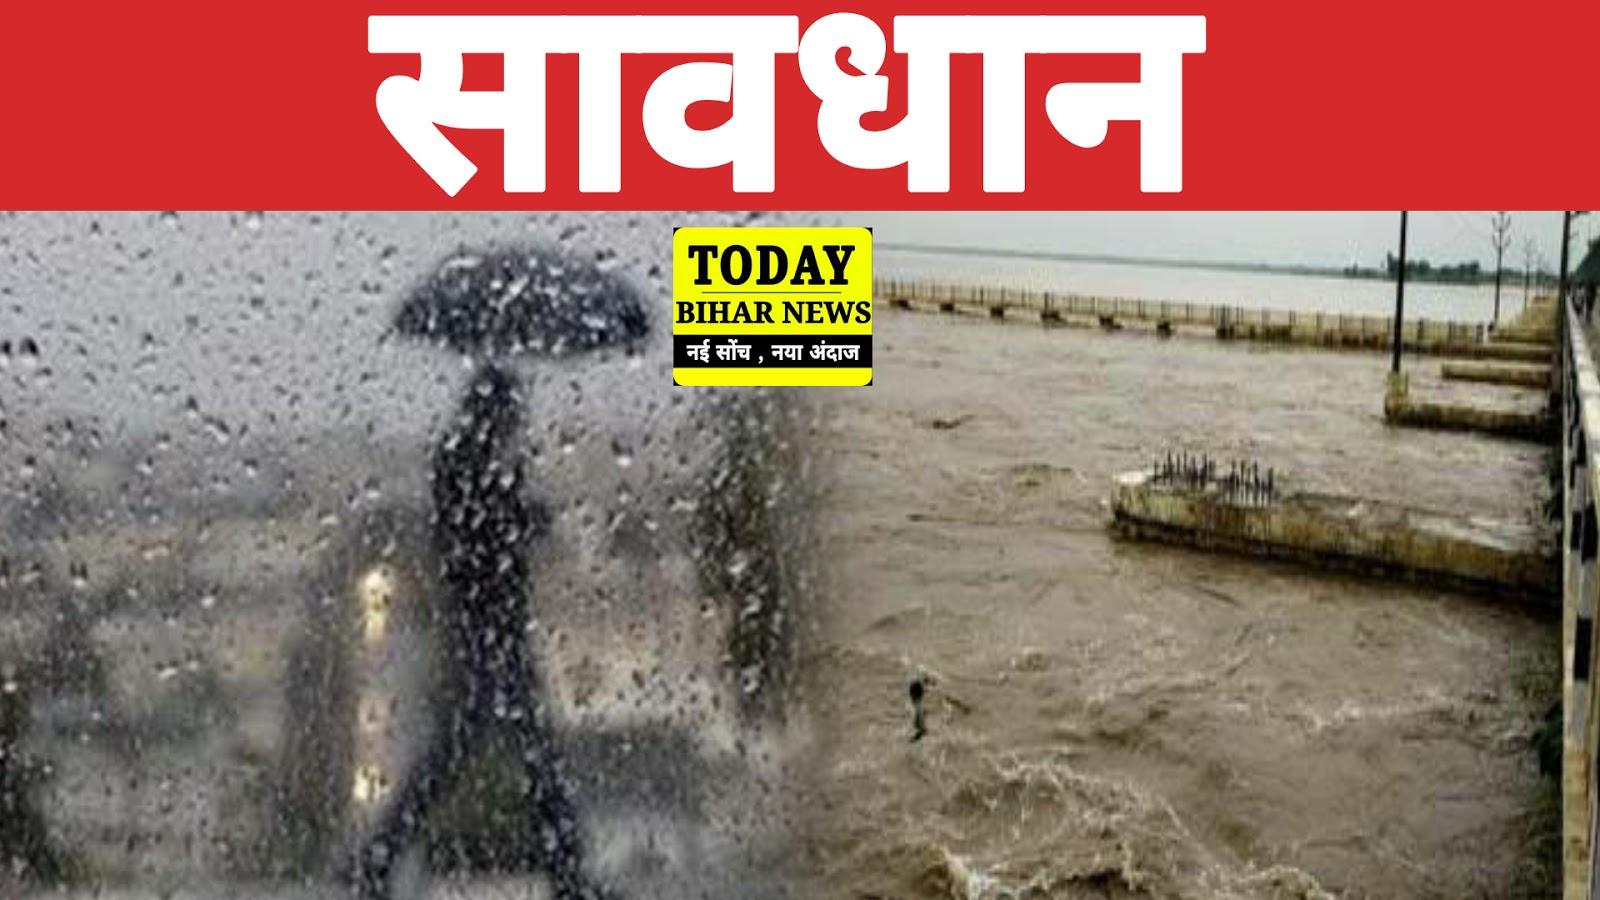 बिहार में बागमती और कमला खतरे के निशान से ऊपर, 17 जिलों में भारी बारिश की संभावना